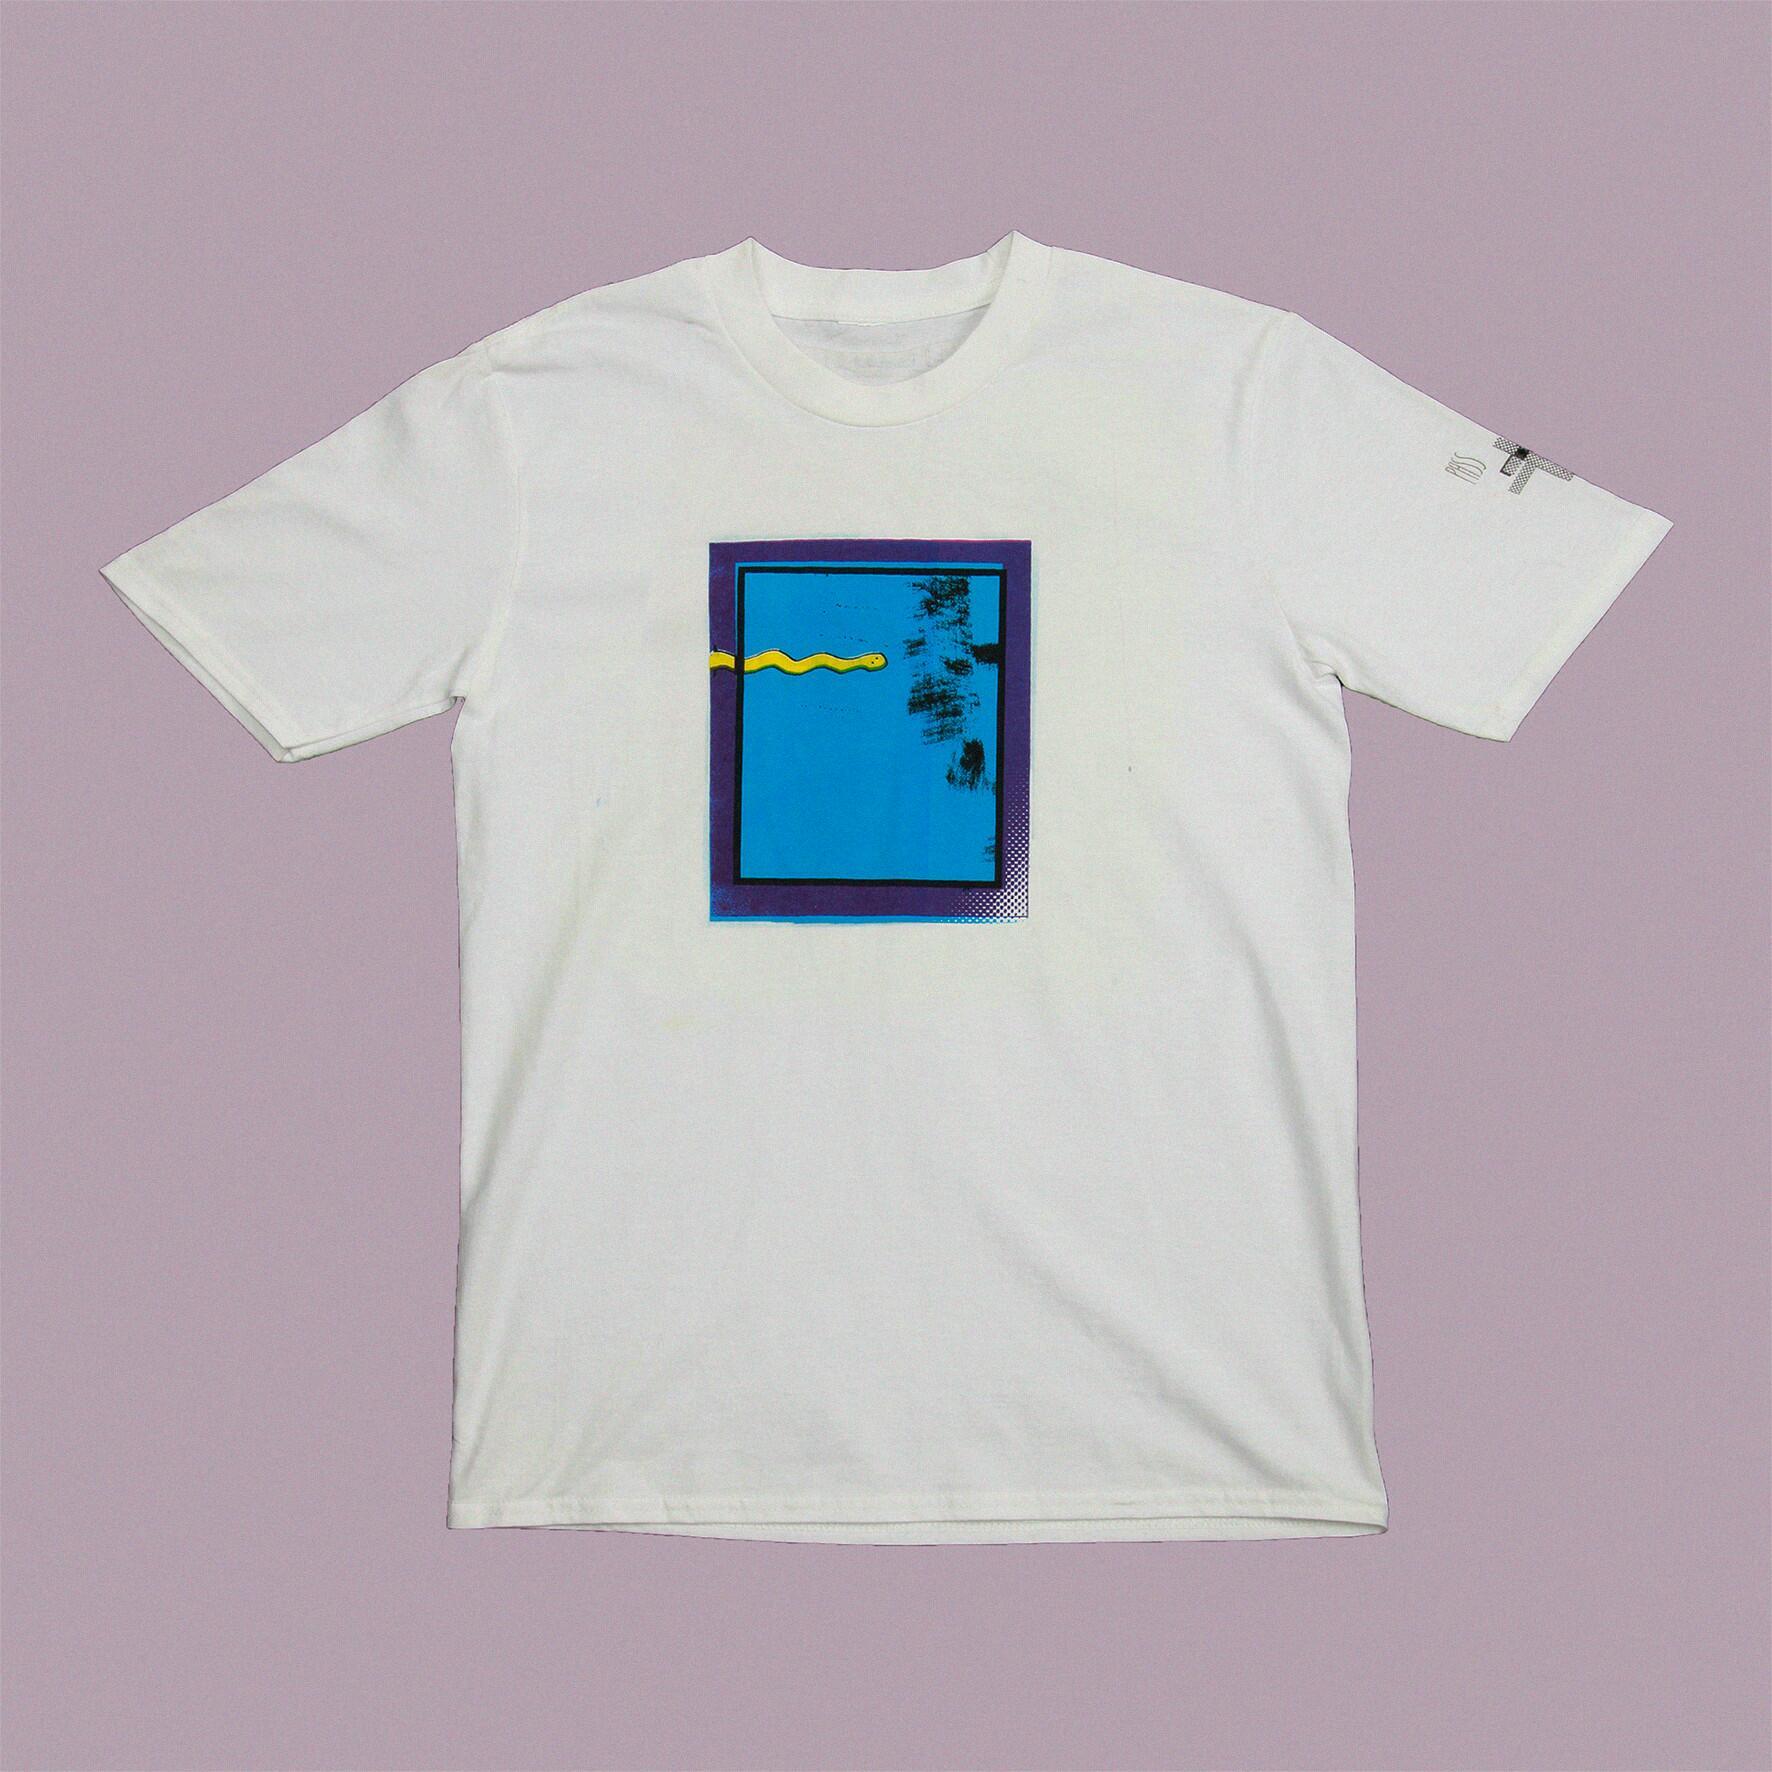 T-Shirt Wężyk Mito Sito - Slow Store | JestemSlow.pl